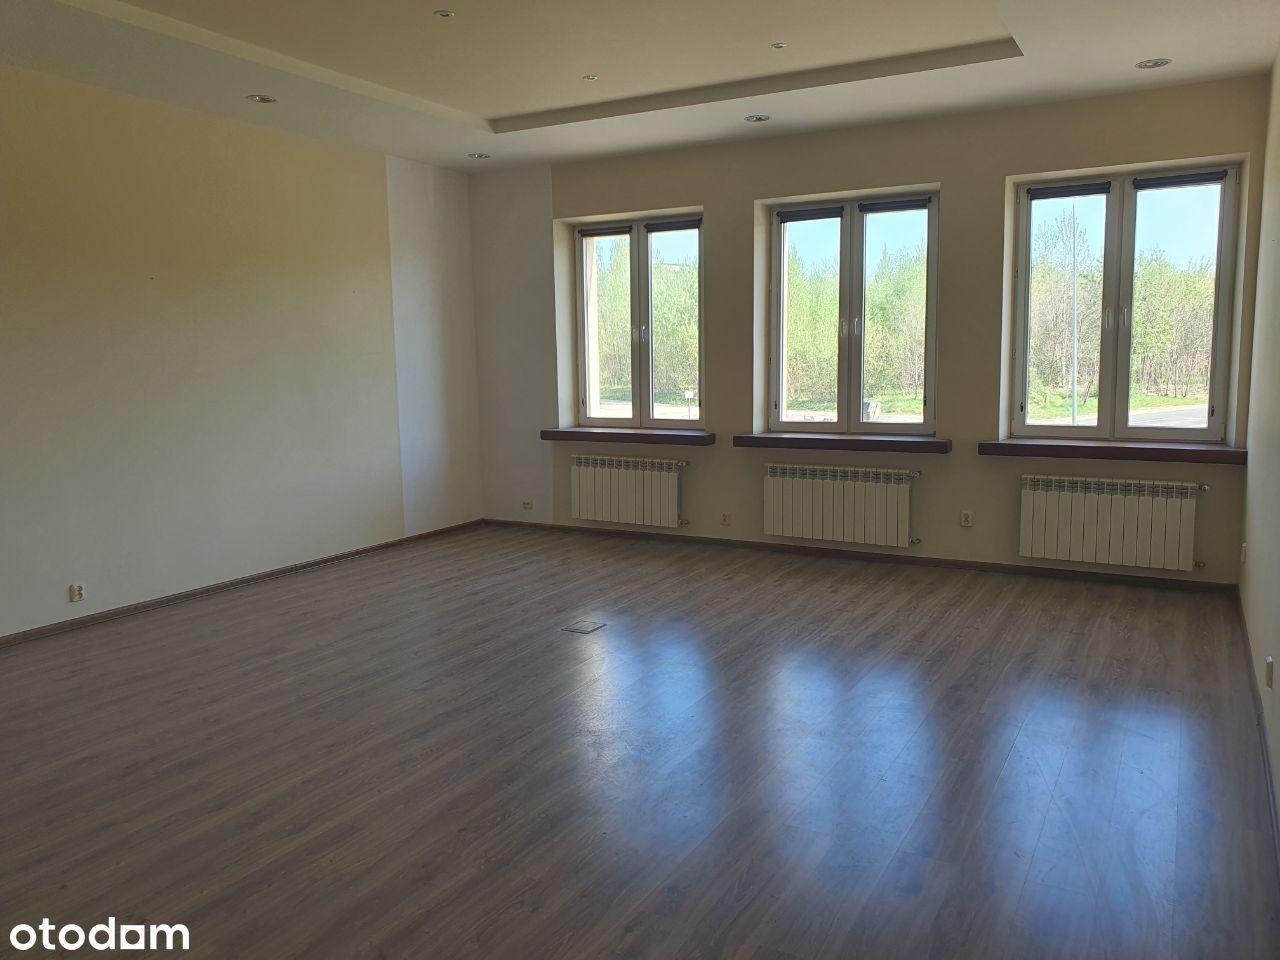 Nieruchomość z lokalami użytkowymi, ul. Struga